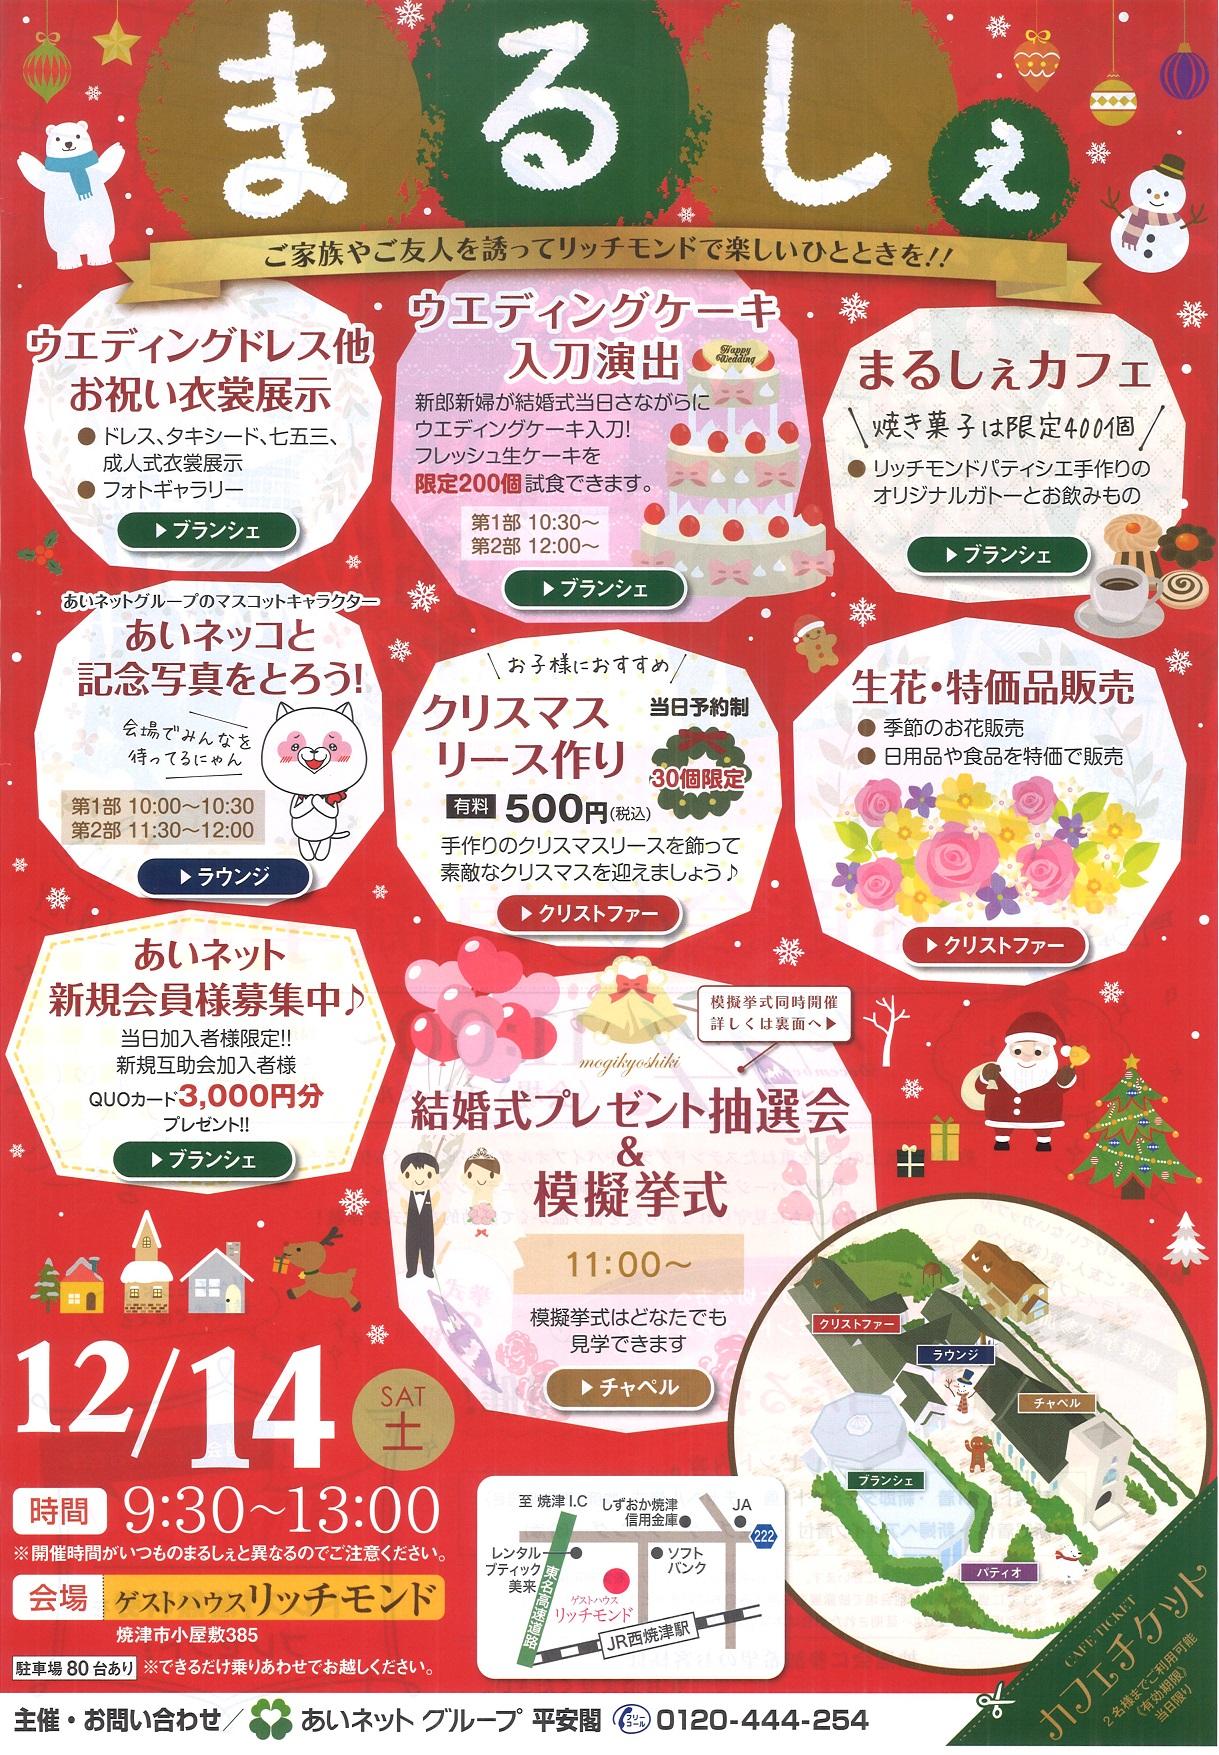 12月14日まるしぇ開催!